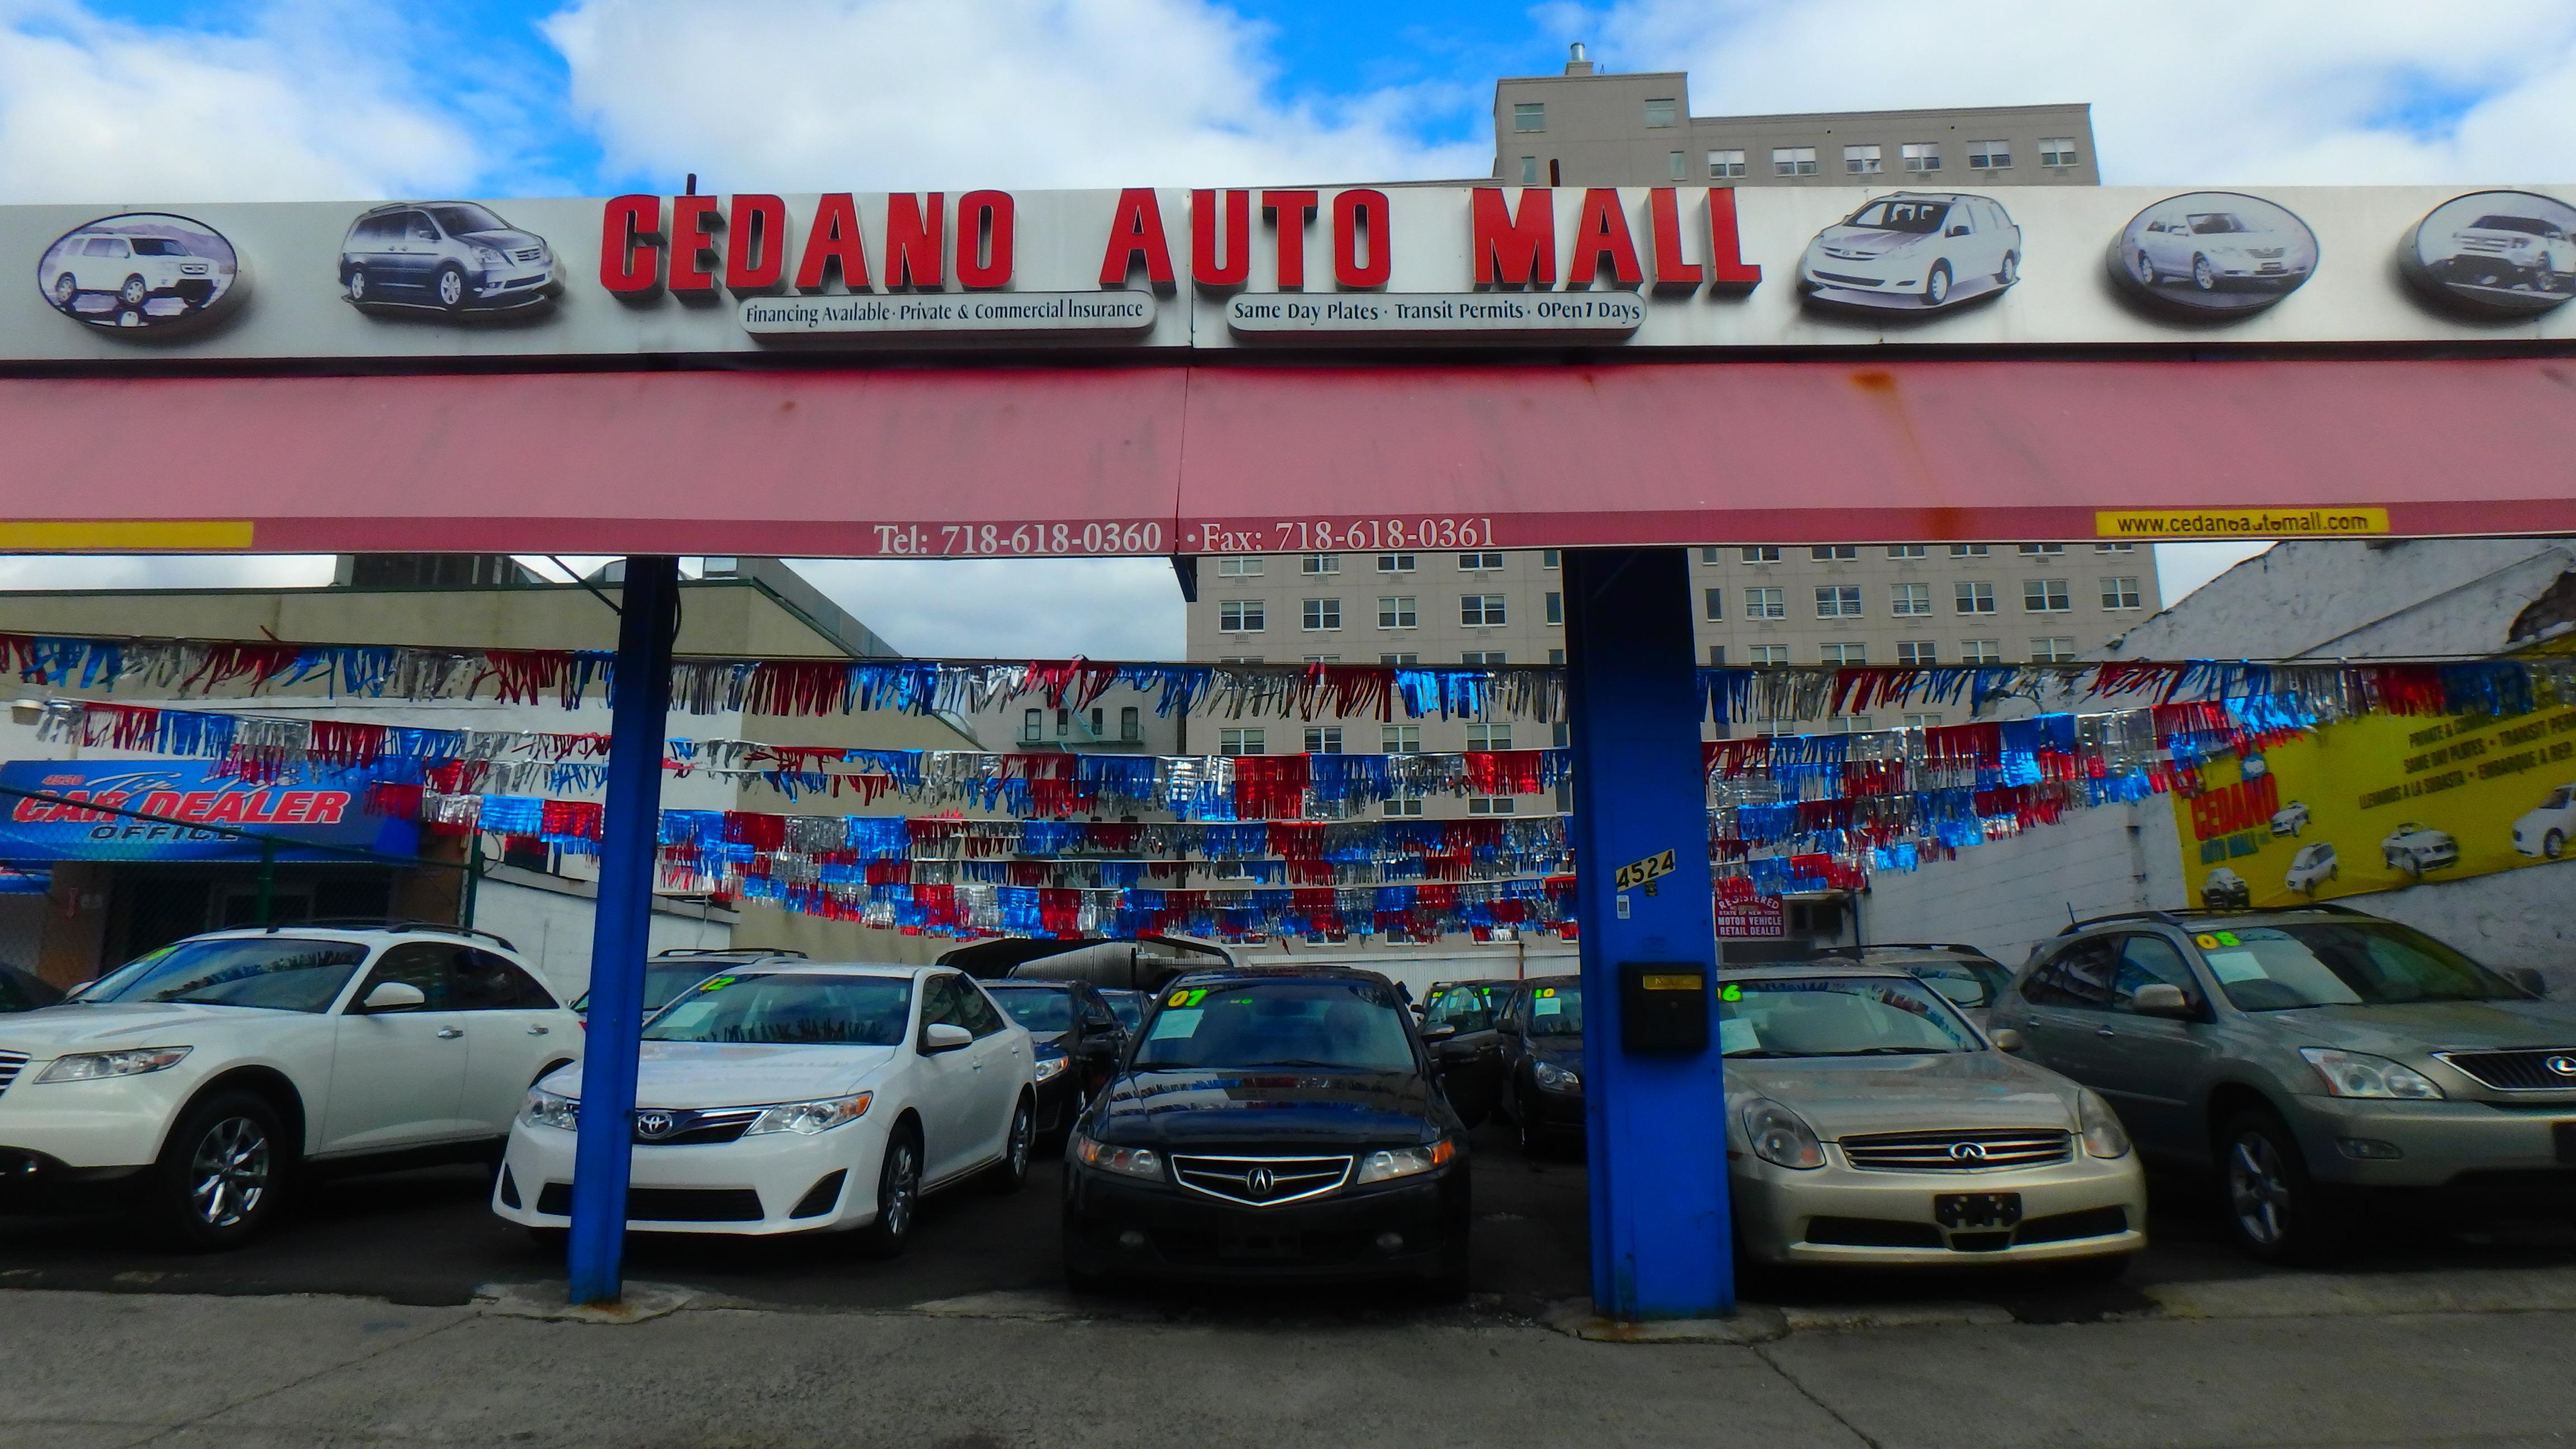 Park Auto Mall >> Cedano Auto Mall 4524 Park Ave Bronx Ny 10457 Yp Com